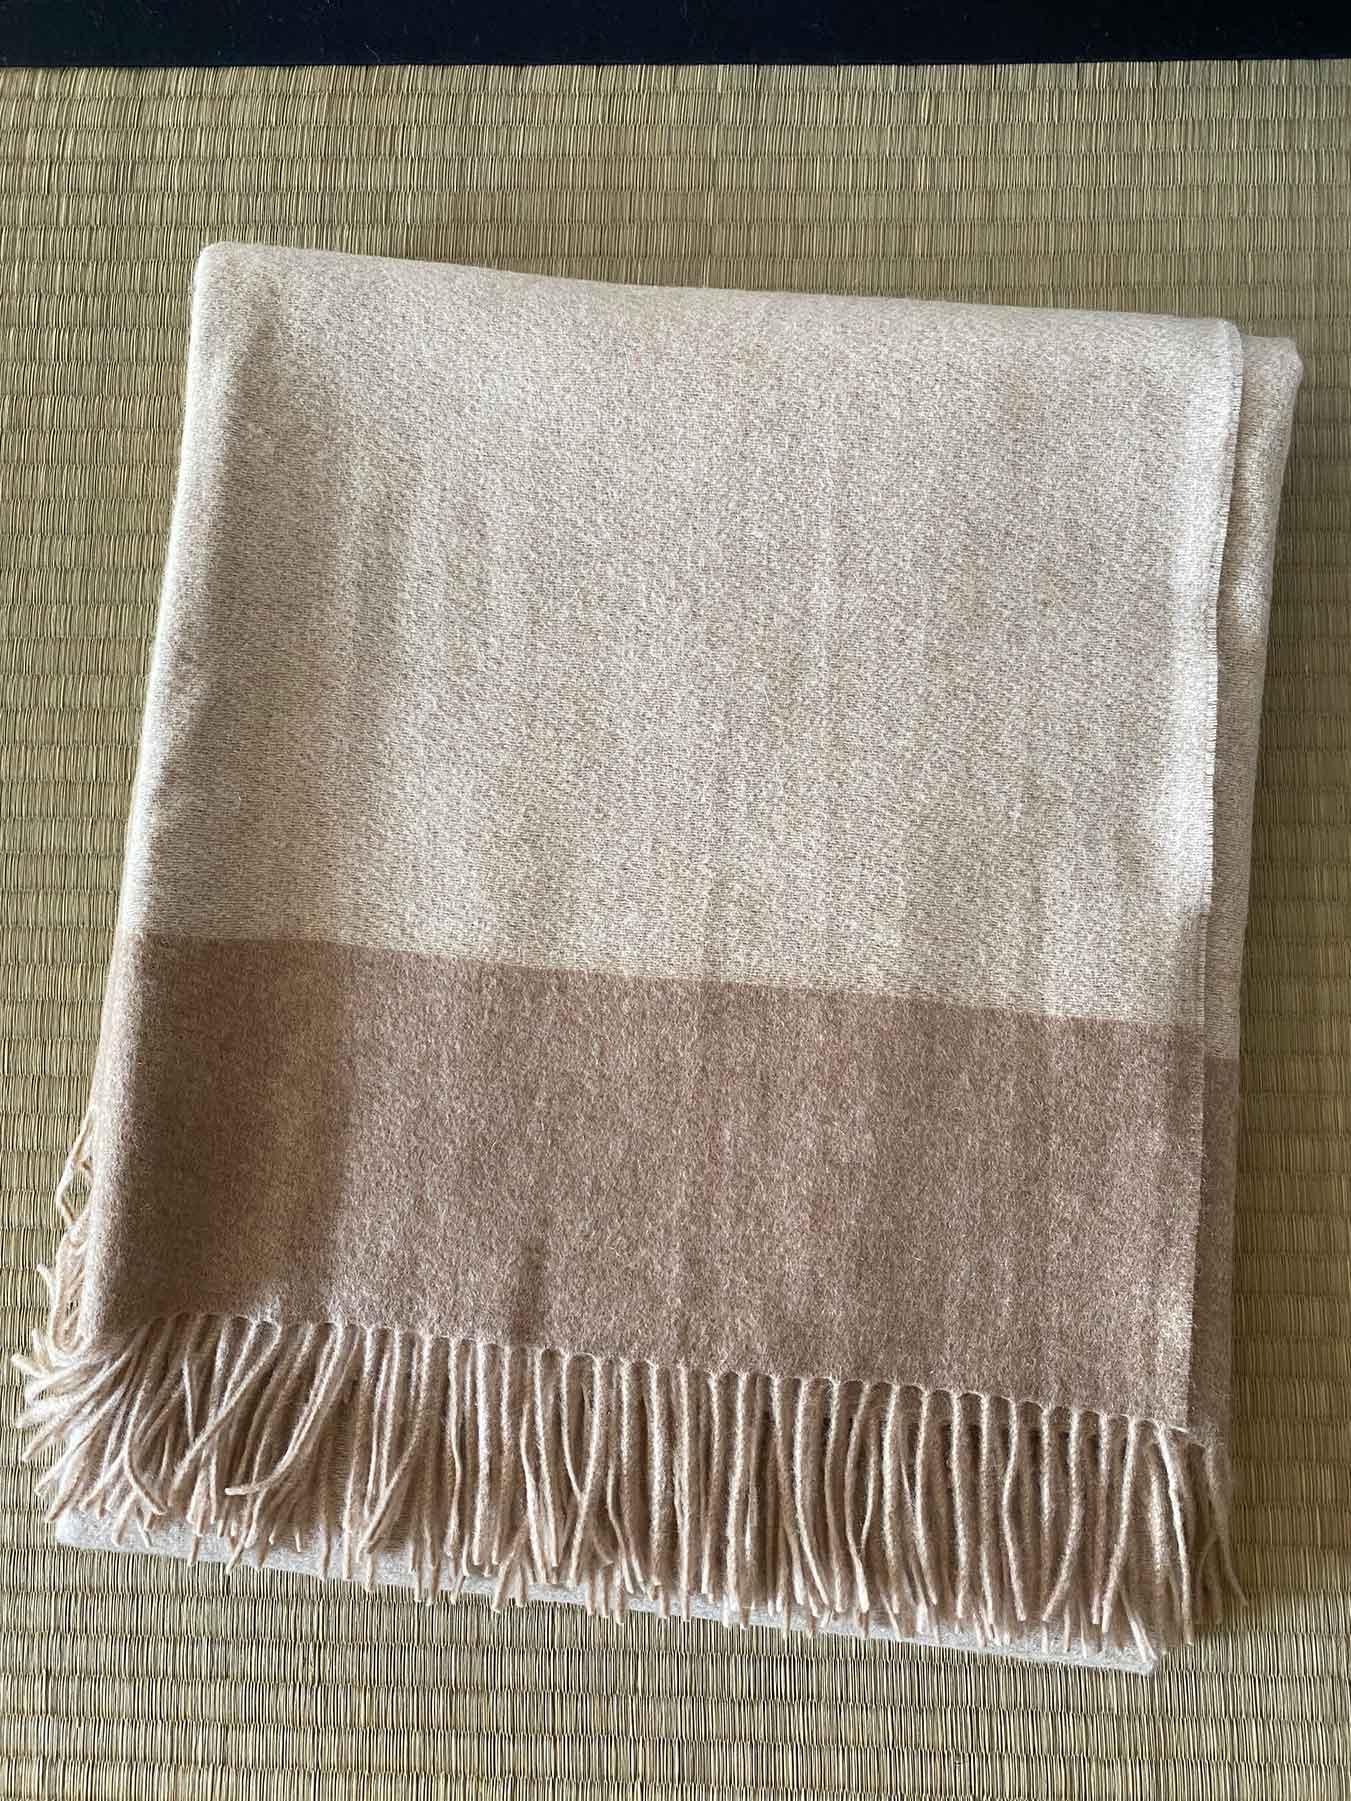 Luxury Cashmere Blanket Beige 2